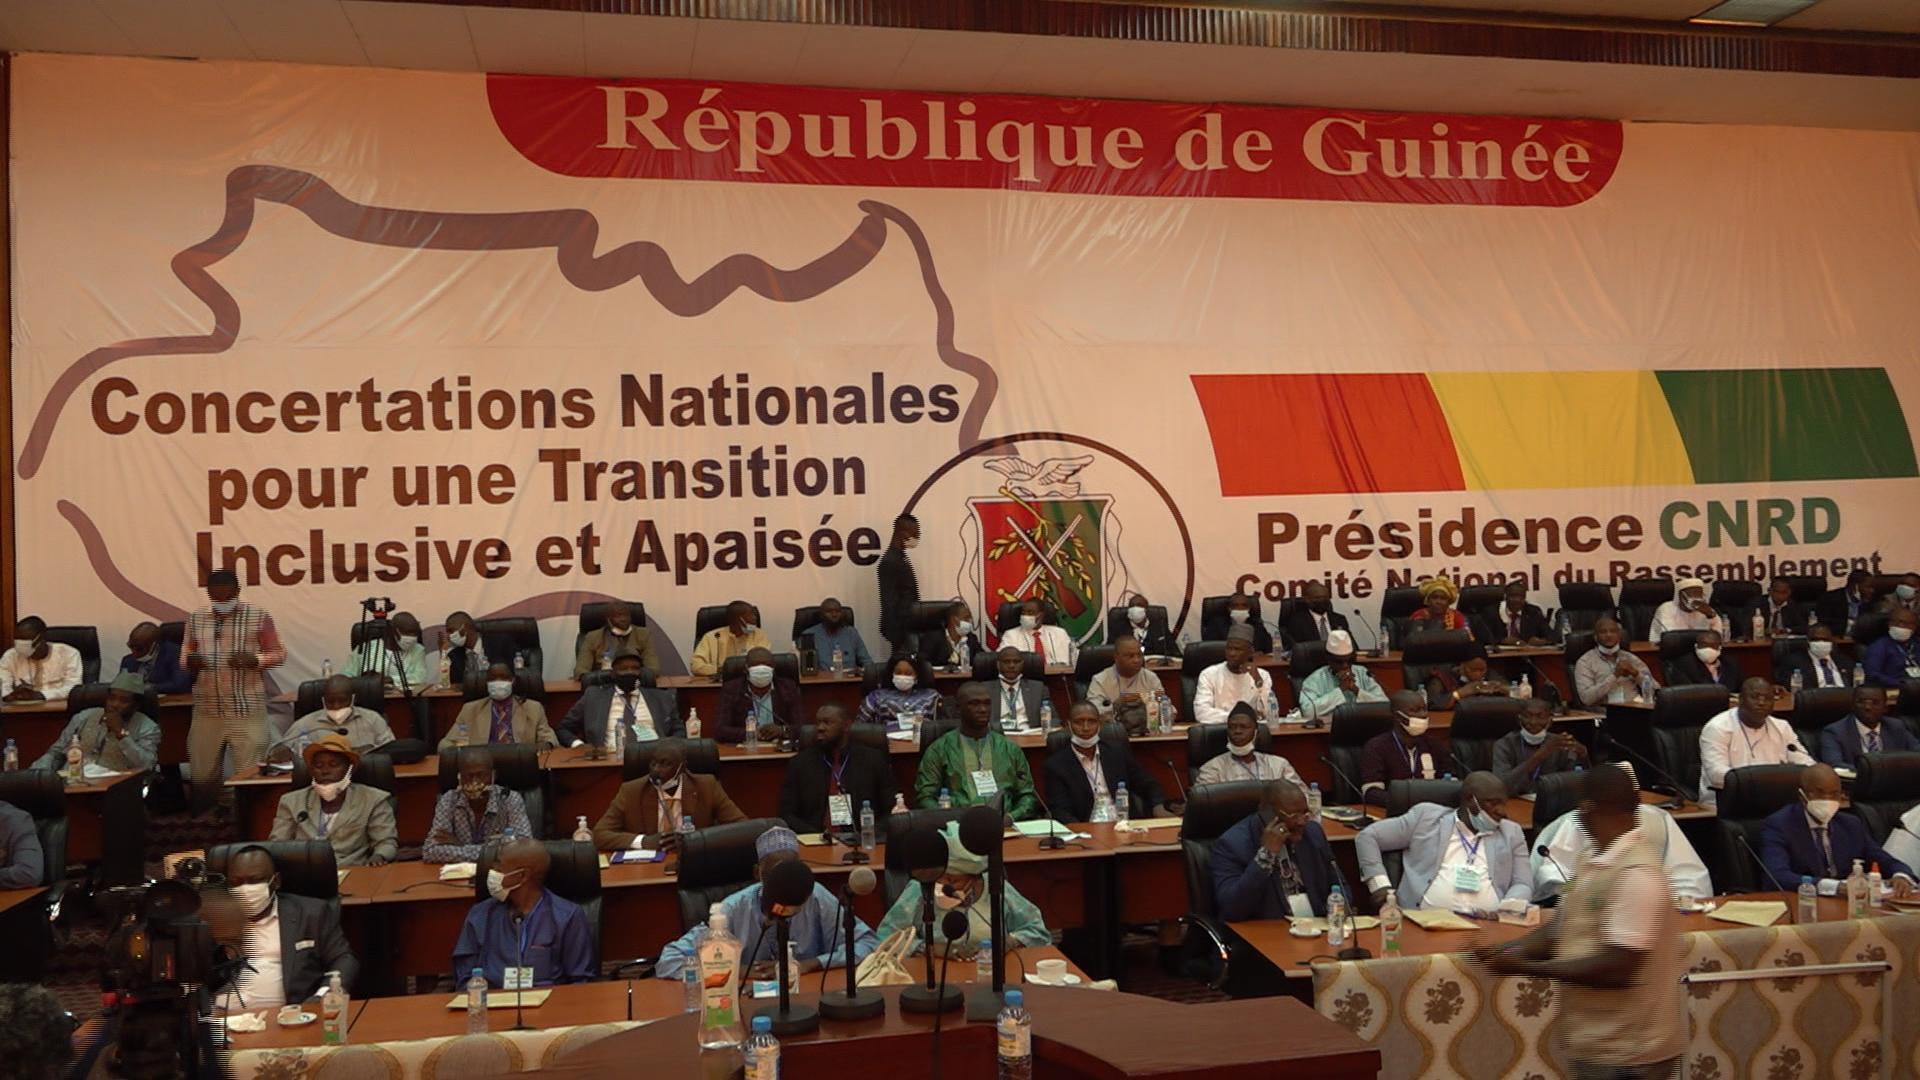 Concertations nationales en Guinée